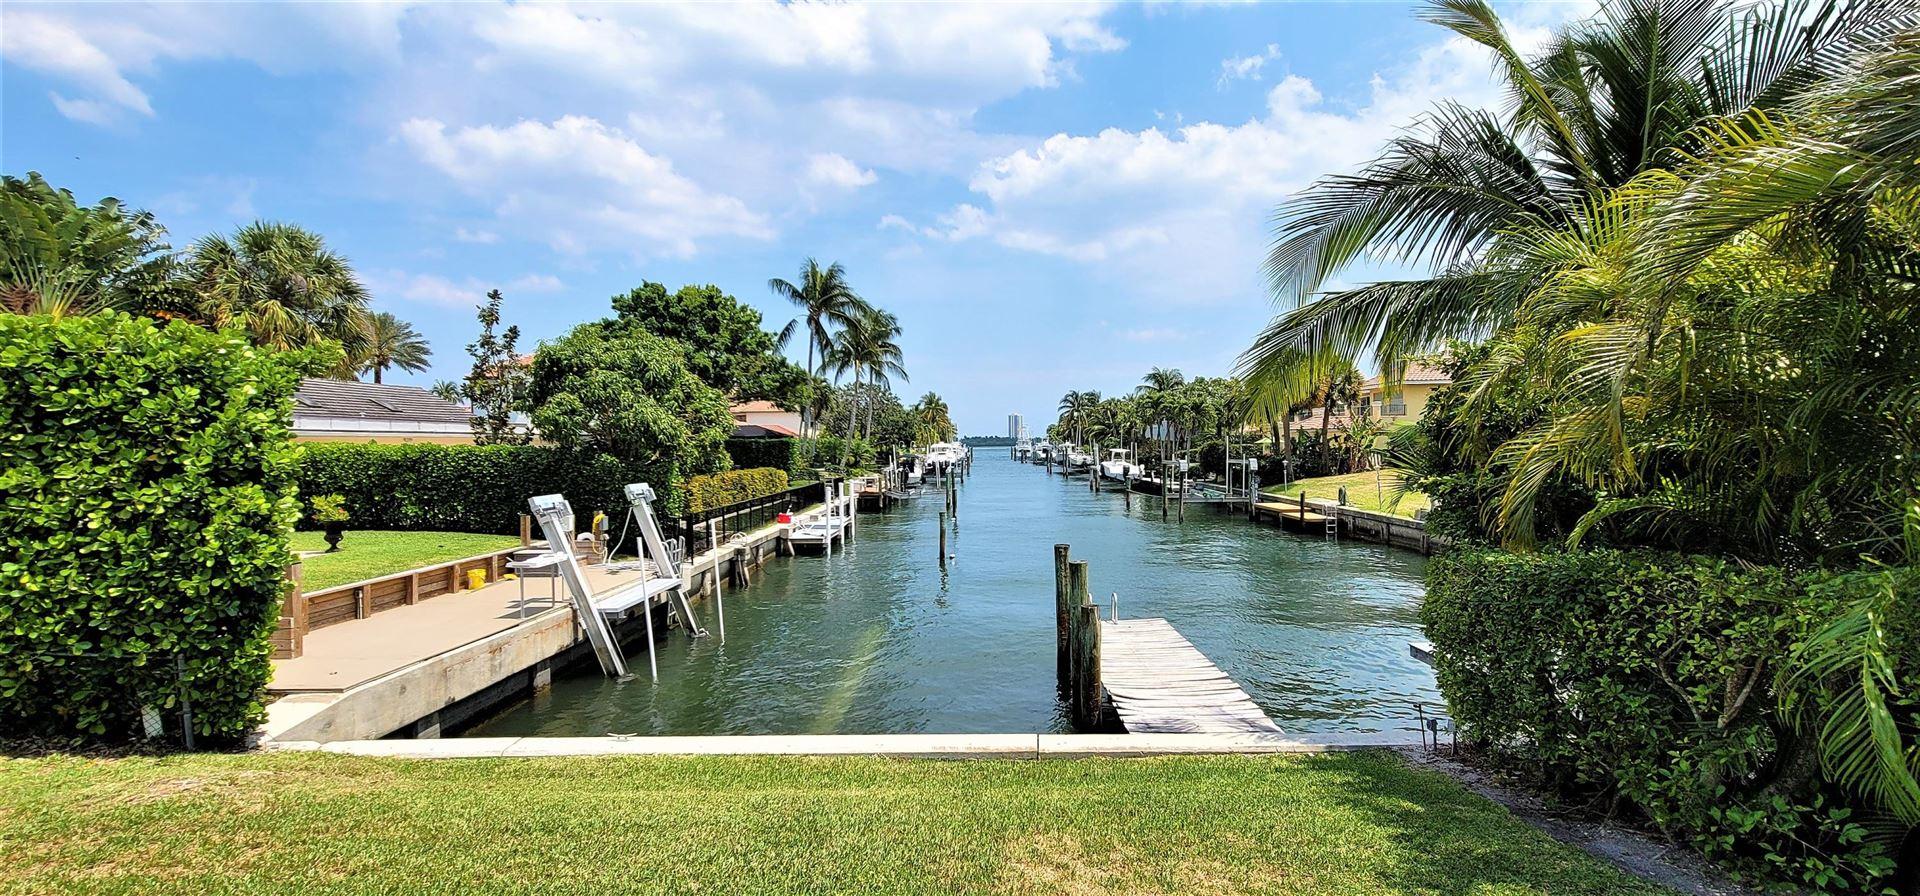 532 Corsair Drive, North Palm Beach, FL 33408 - #: RX-10707465